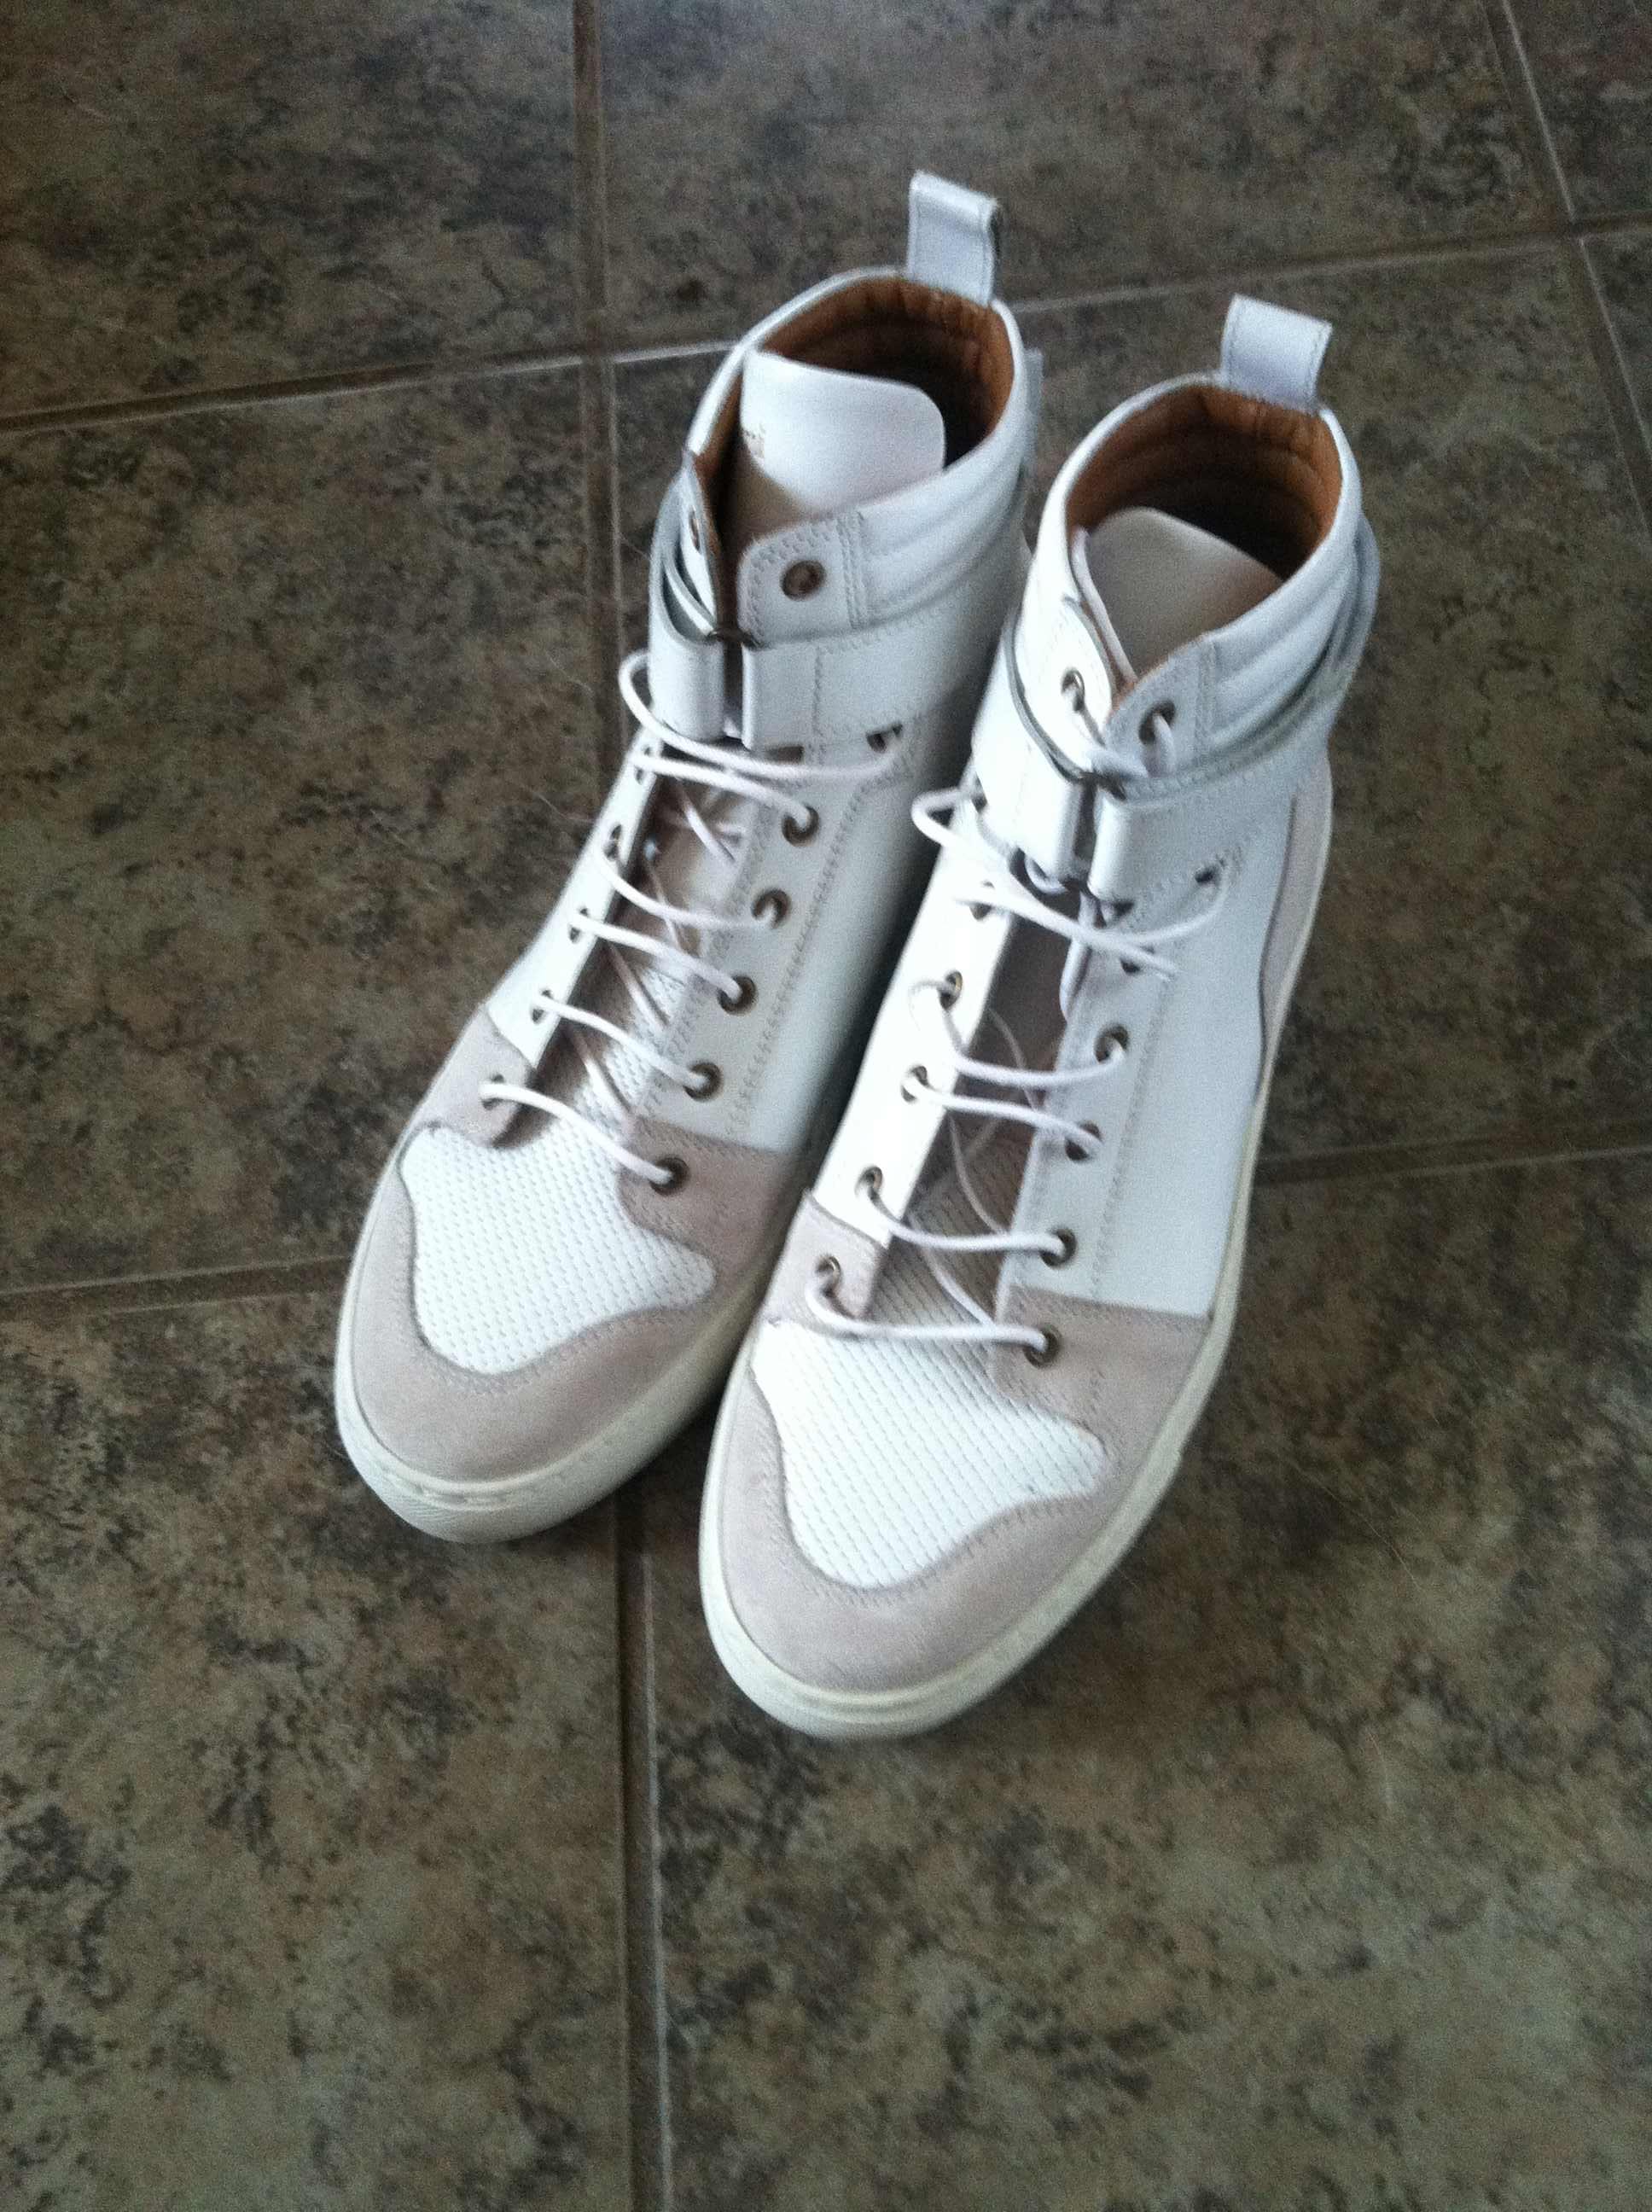 b612b876014525 Finally an Official Baller sneaker thread ( 300 minimum)